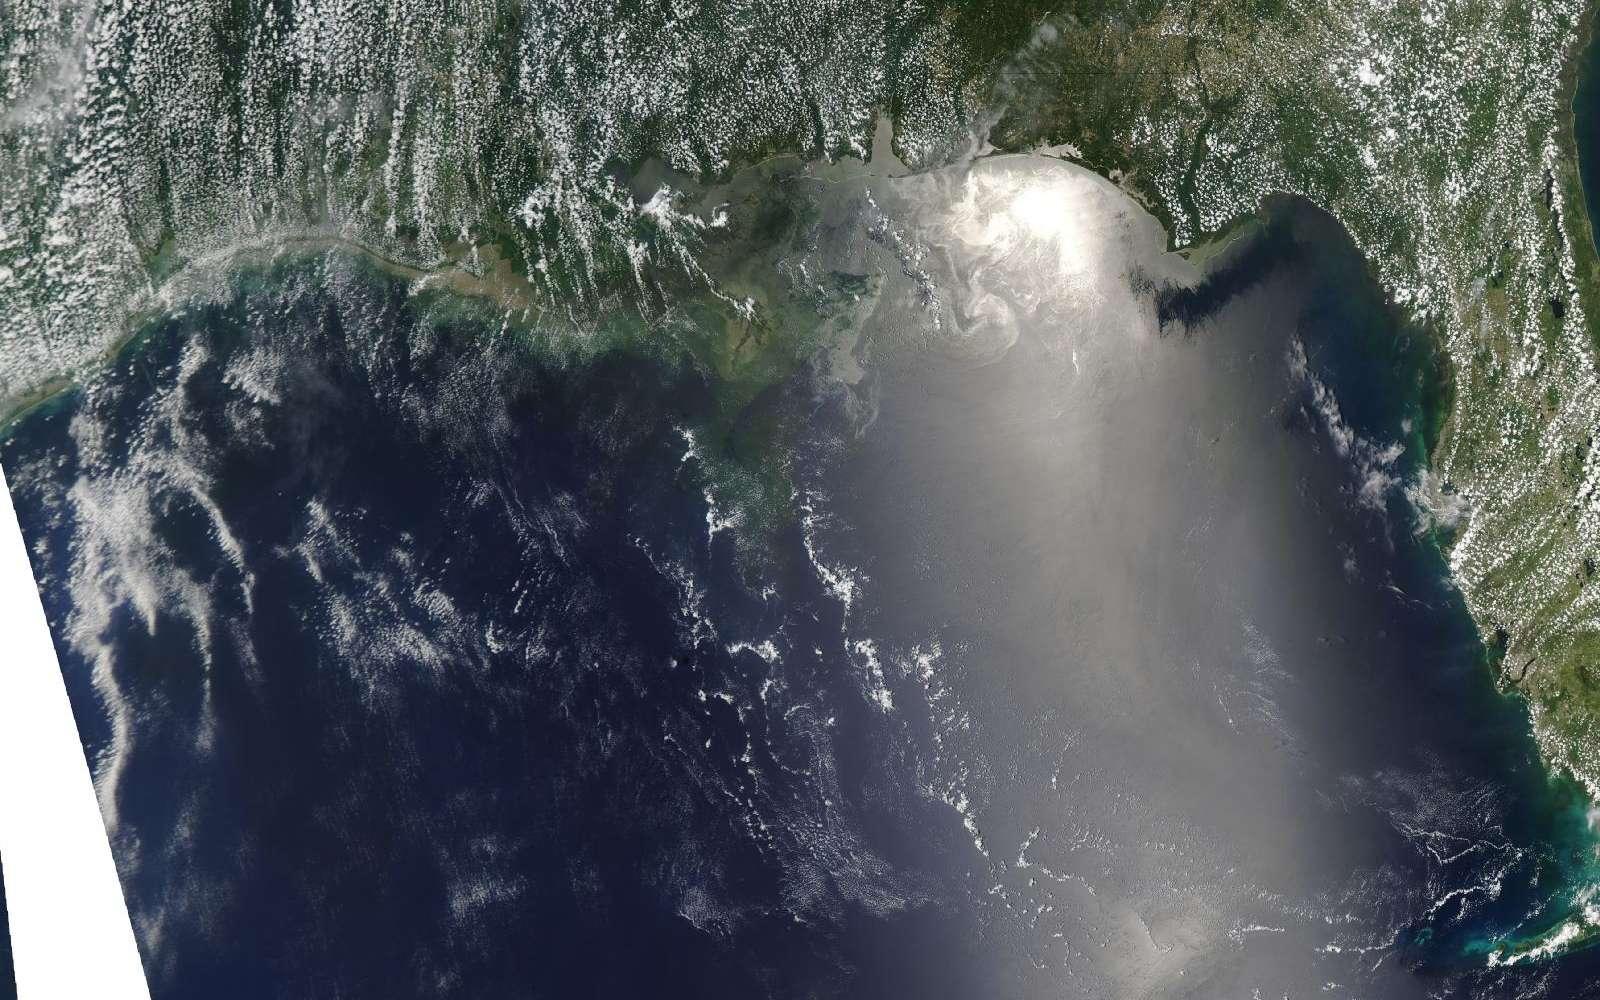 La marée noire repérée le 12 juin par le satellite Aqua, de la Nasa, et son instrument Modis (Moderate Resolution Imaging Spectroradiometer). L'image montre la partie nord-est du golfe du Mexique. La Floride est à droite, avec, en bas, l'archipel des Keys. On distingue le pétrole sur les côtes nord-ouest de la Floride et, à gauche, sur celles de l'Alabama. © Nasa